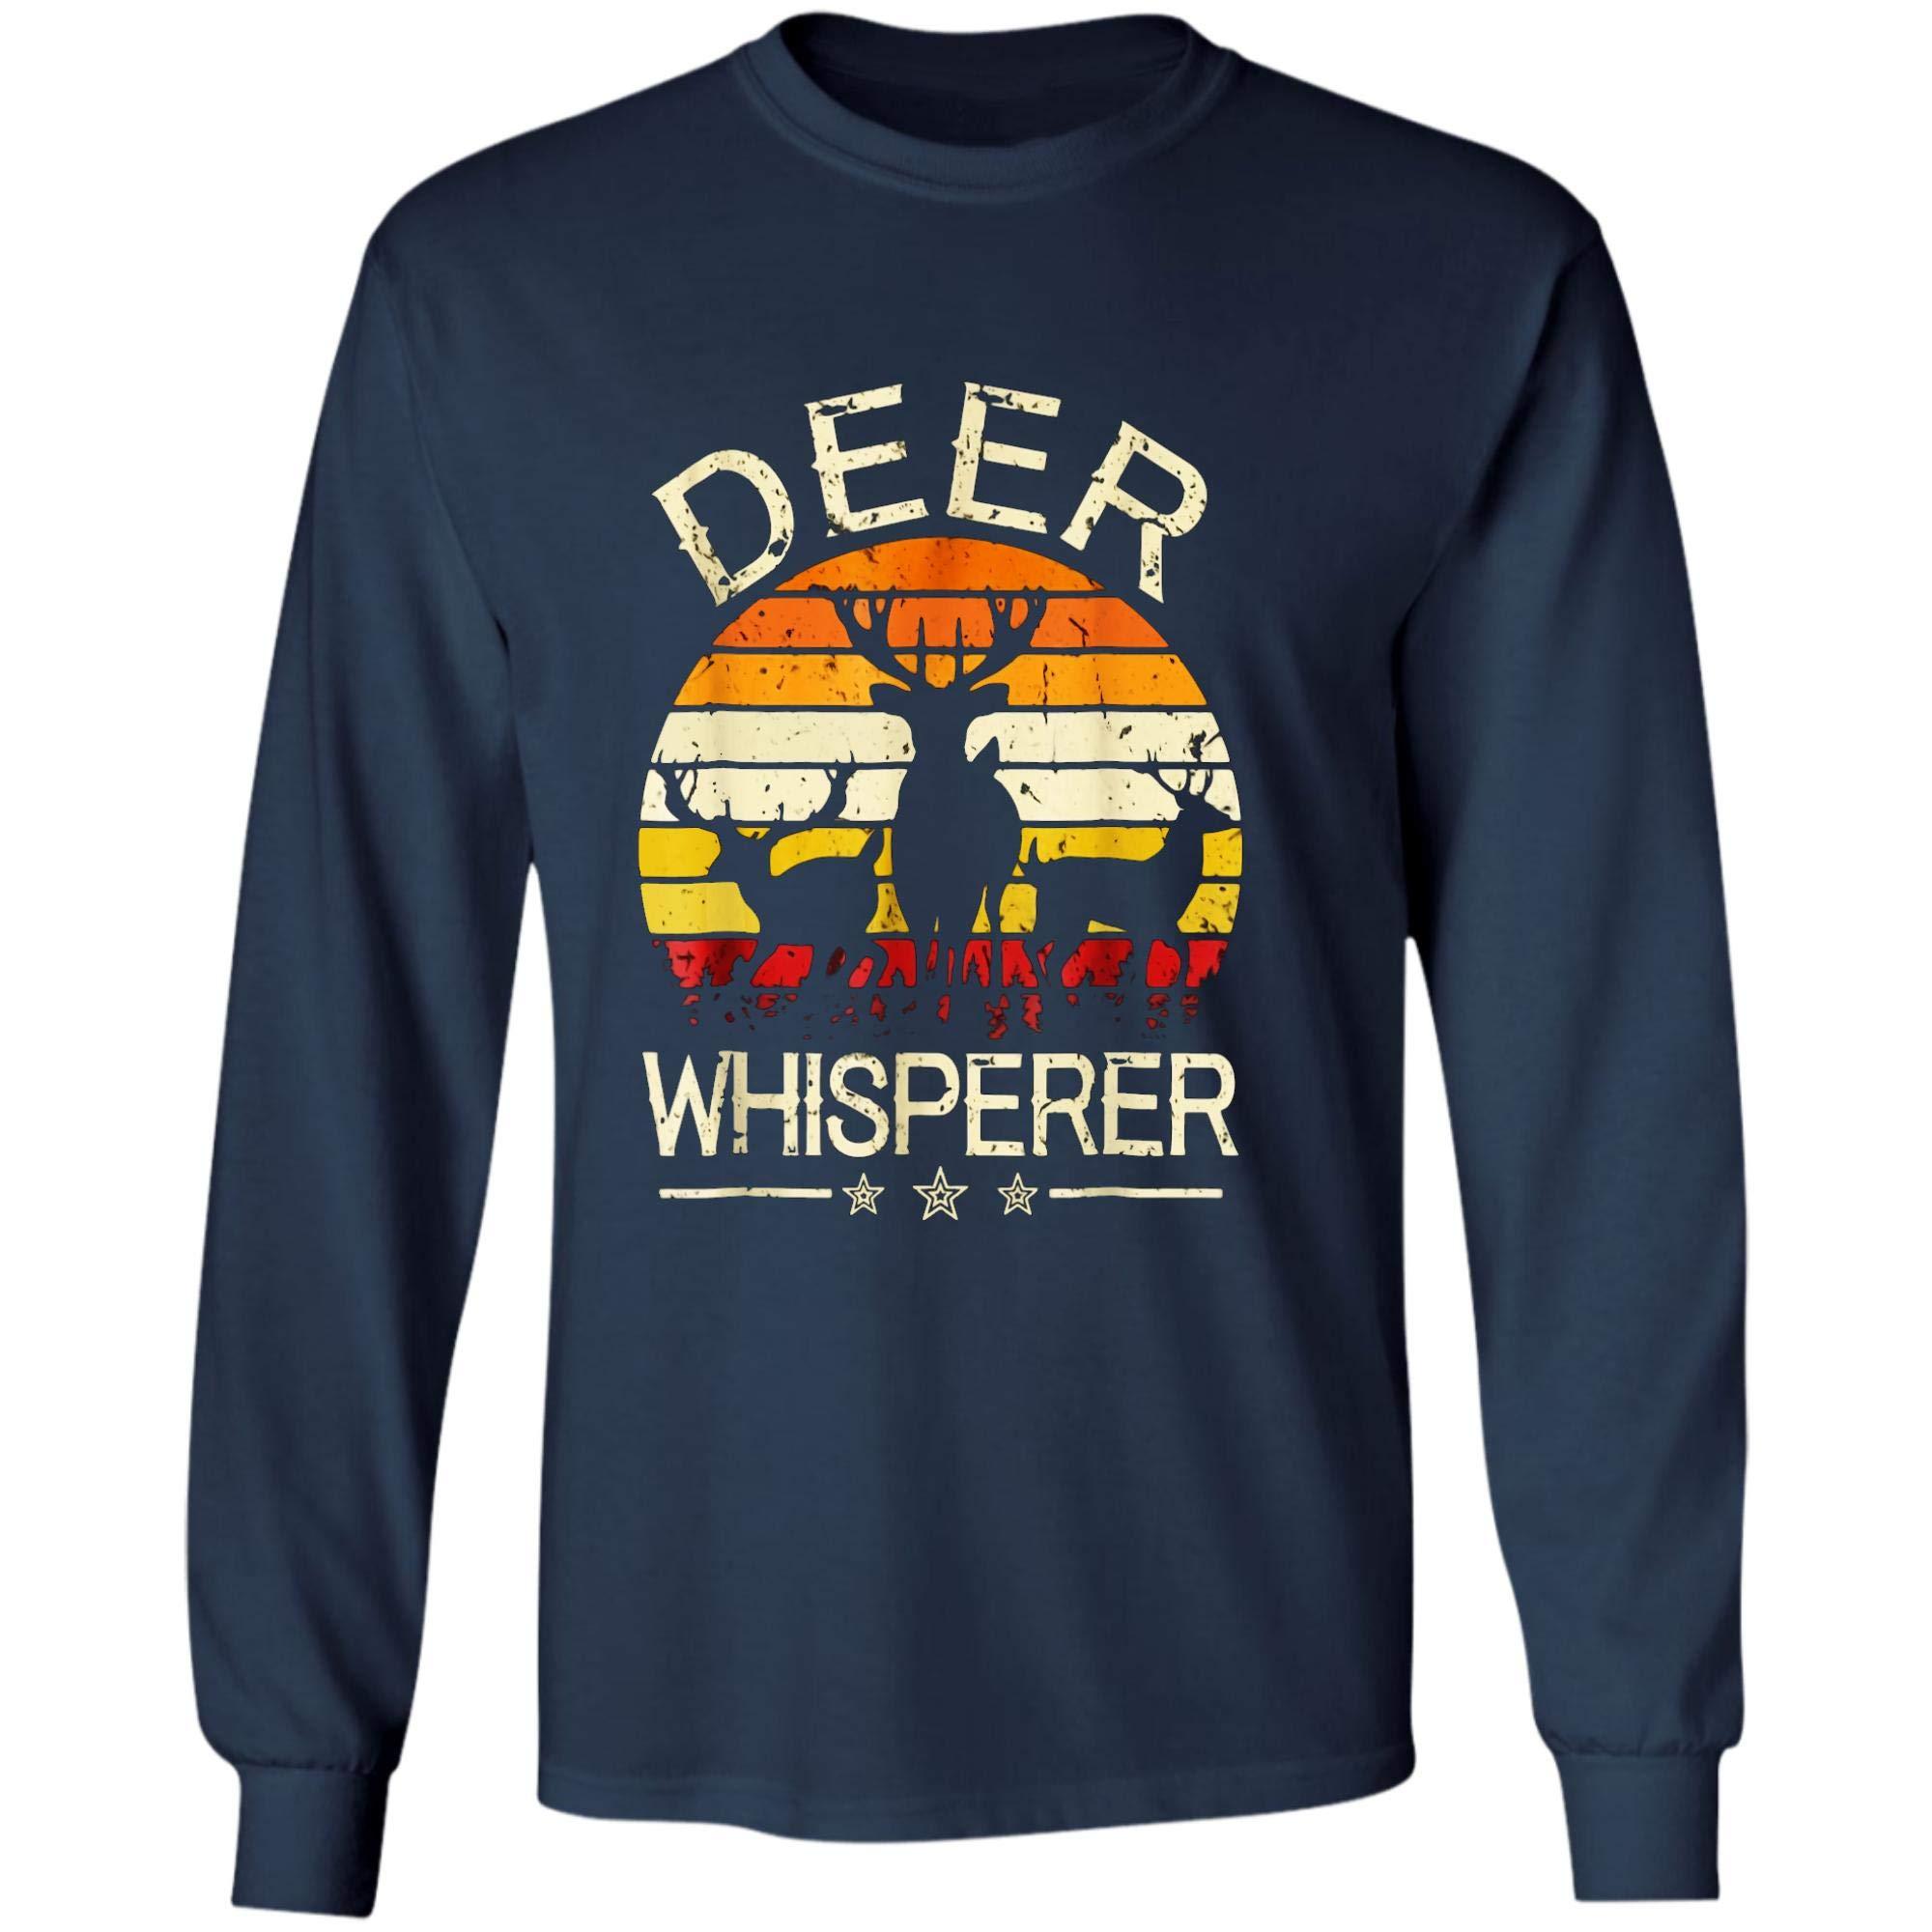 Retro Deer Whisperer Hunting Tshirt Vintage Gift For Hunters 6620